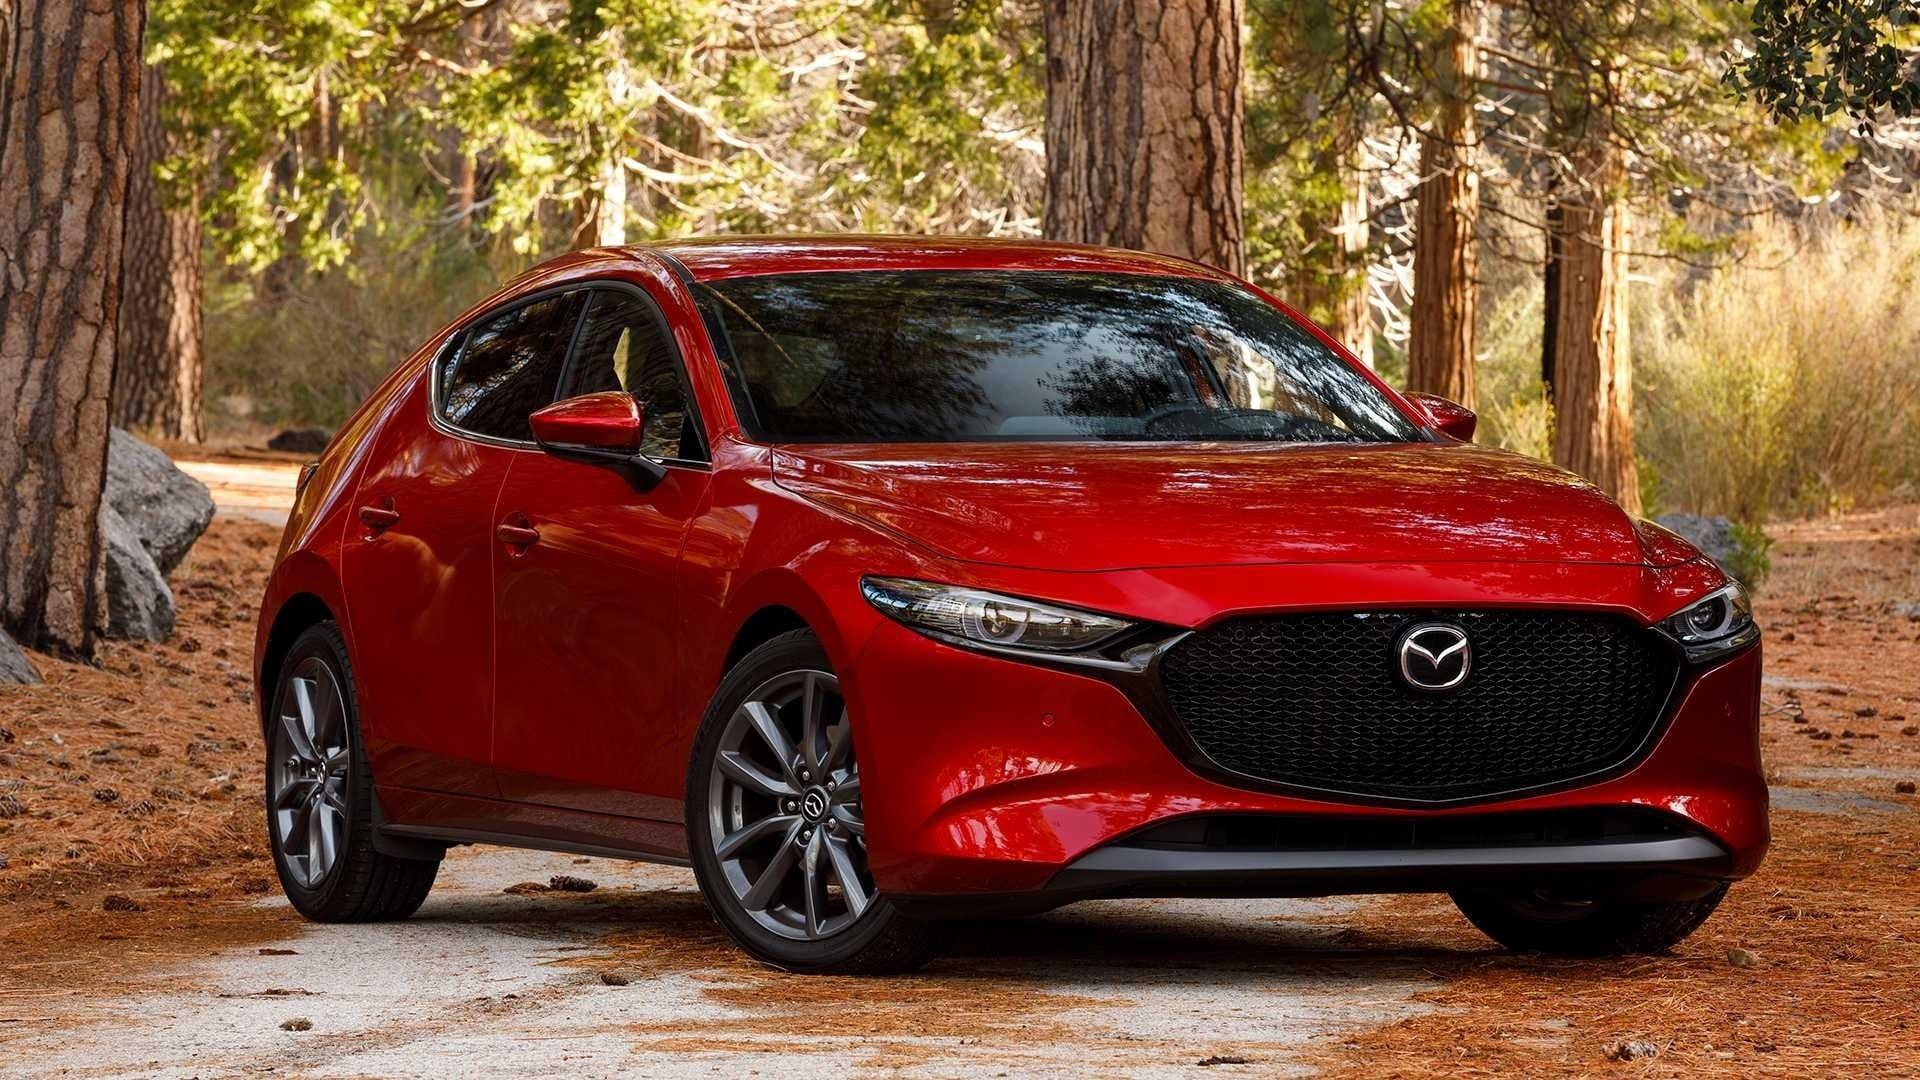 Kelebihan Mazda A3 Review